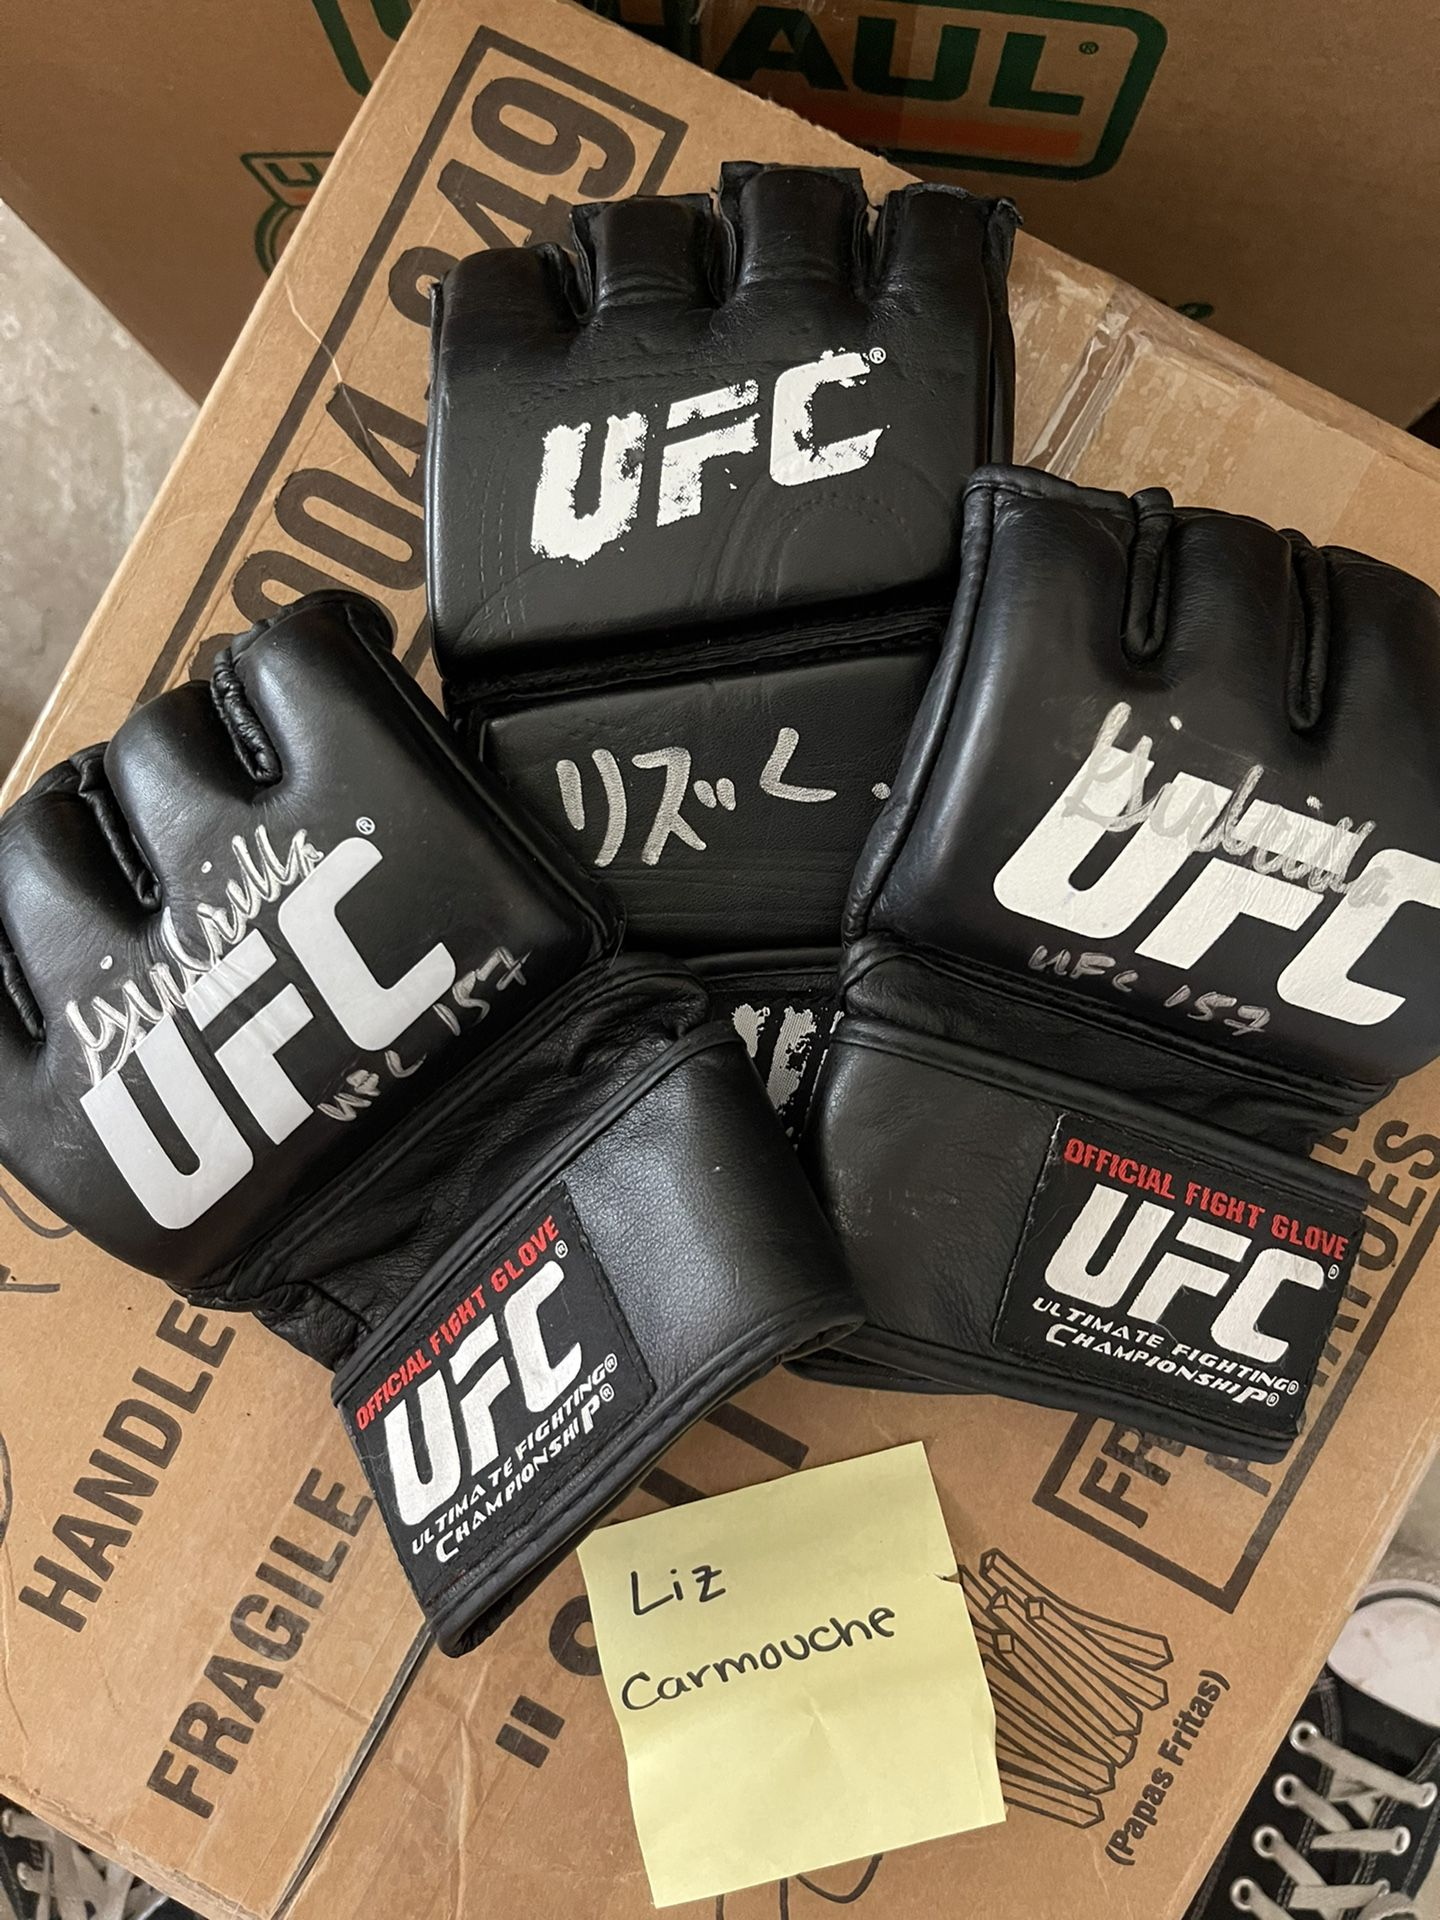 Signed UFC Memorabilia